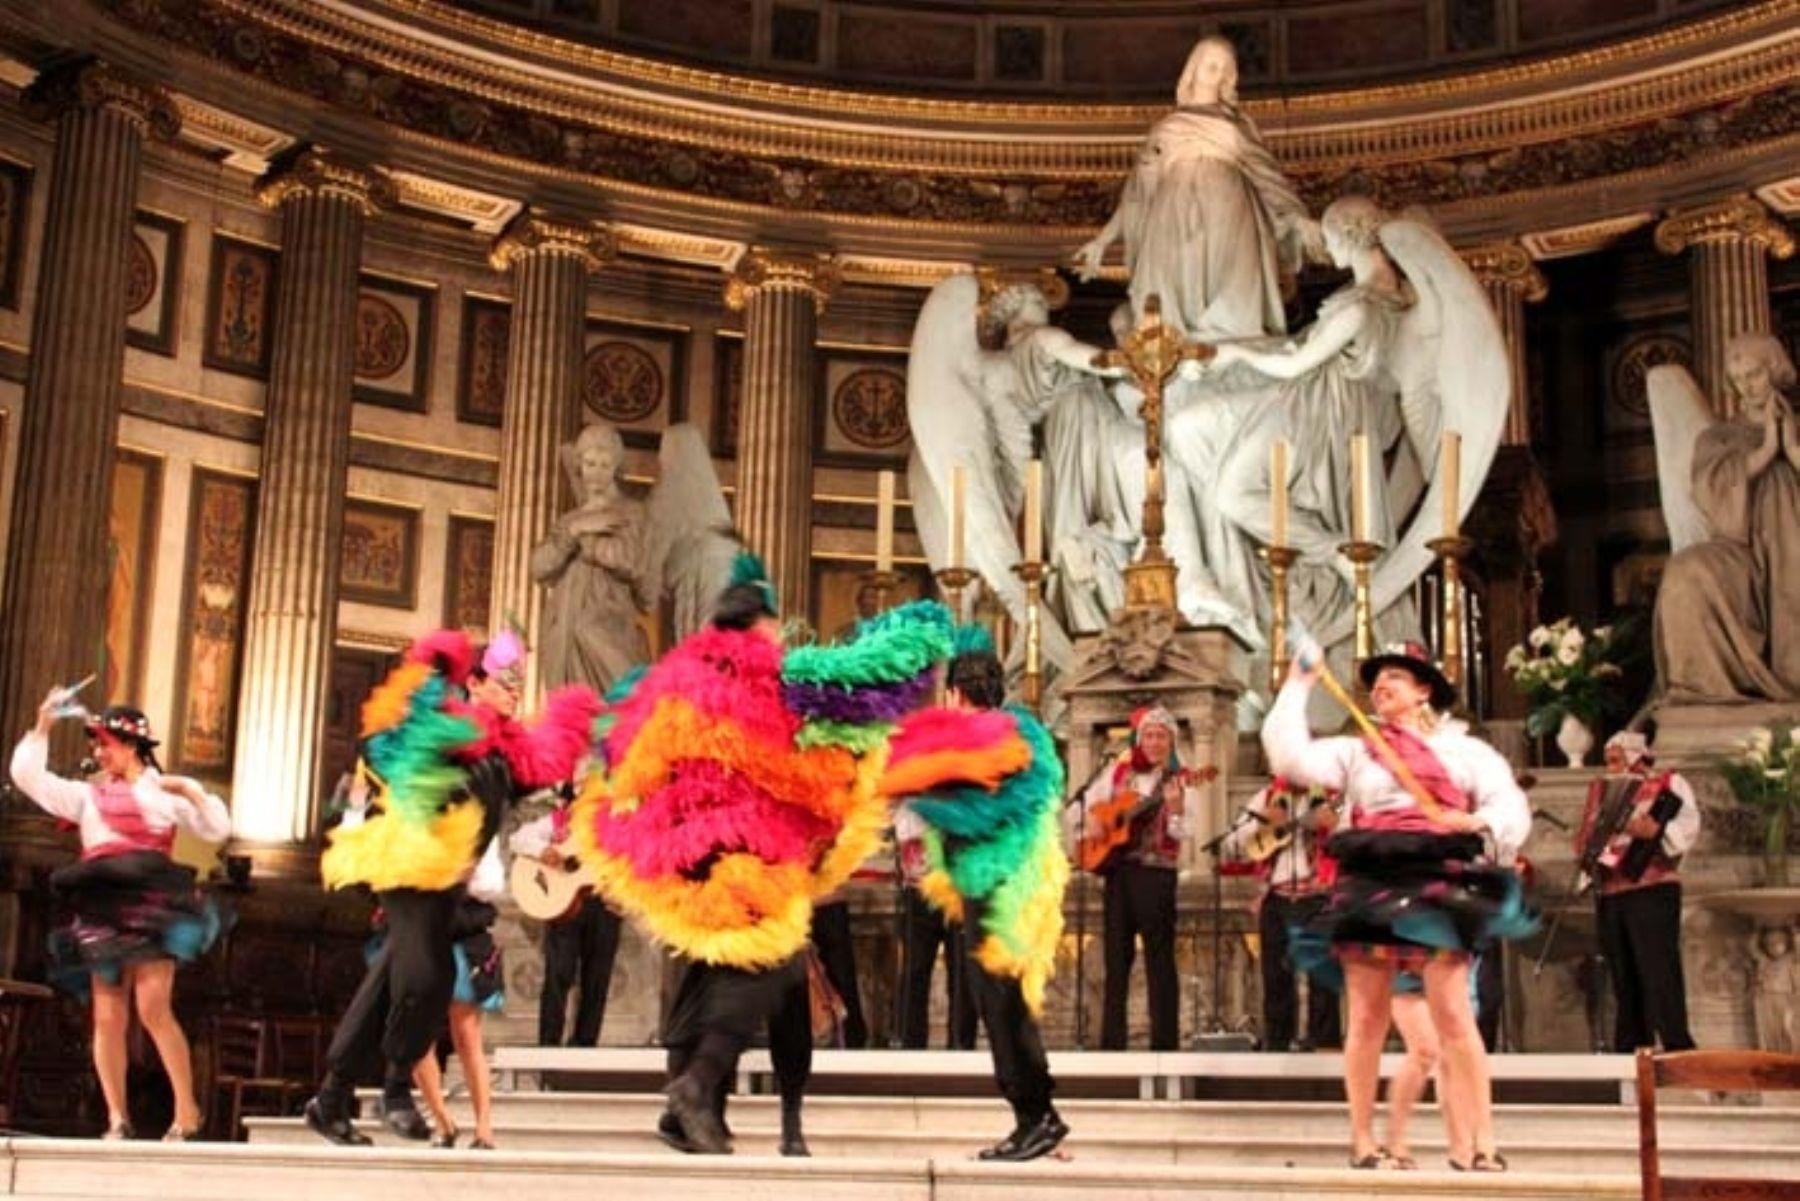 Las coloridas danzas de nuestro país se dejarán apreciar en Nancy, Francia. Foto: Andina/Difusión